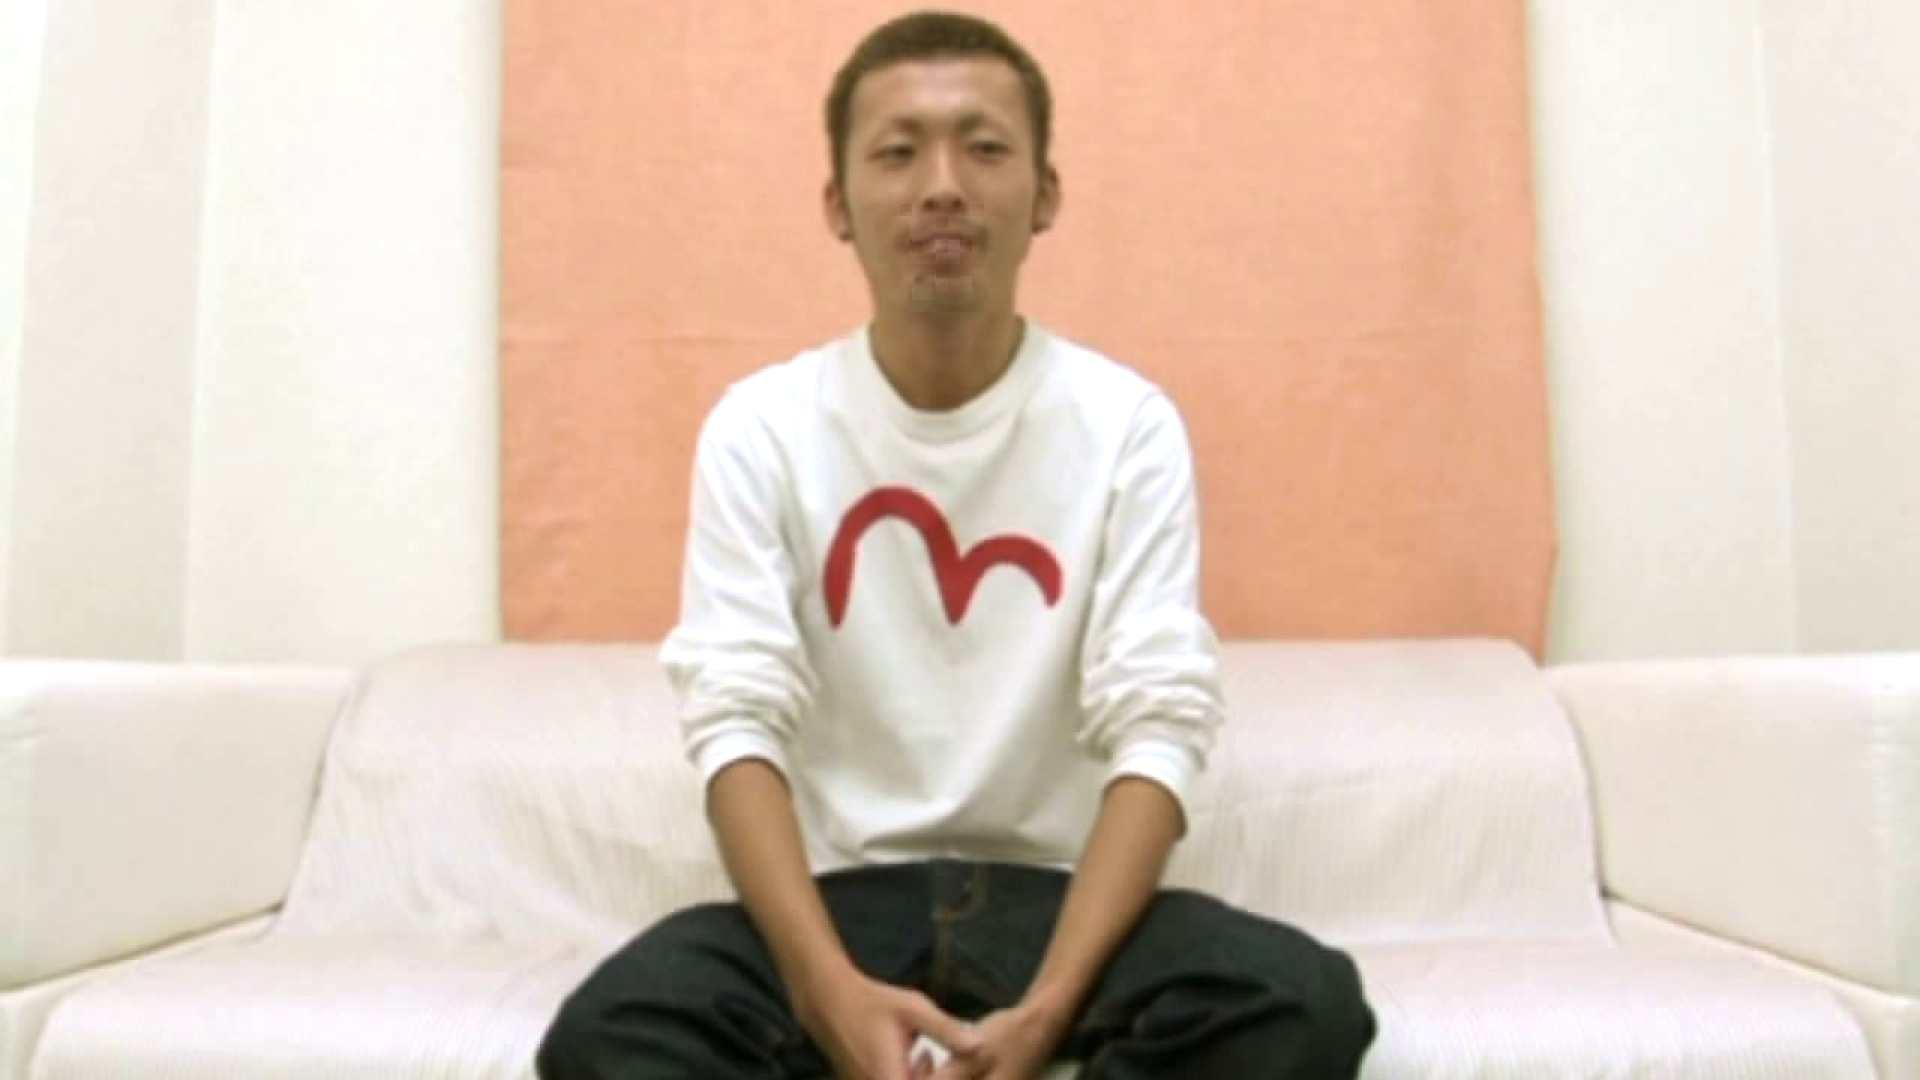 ノンケ!自慰スタジオ No.11 オナニー アダルトビデオ画像キャプチャ 88枚 32